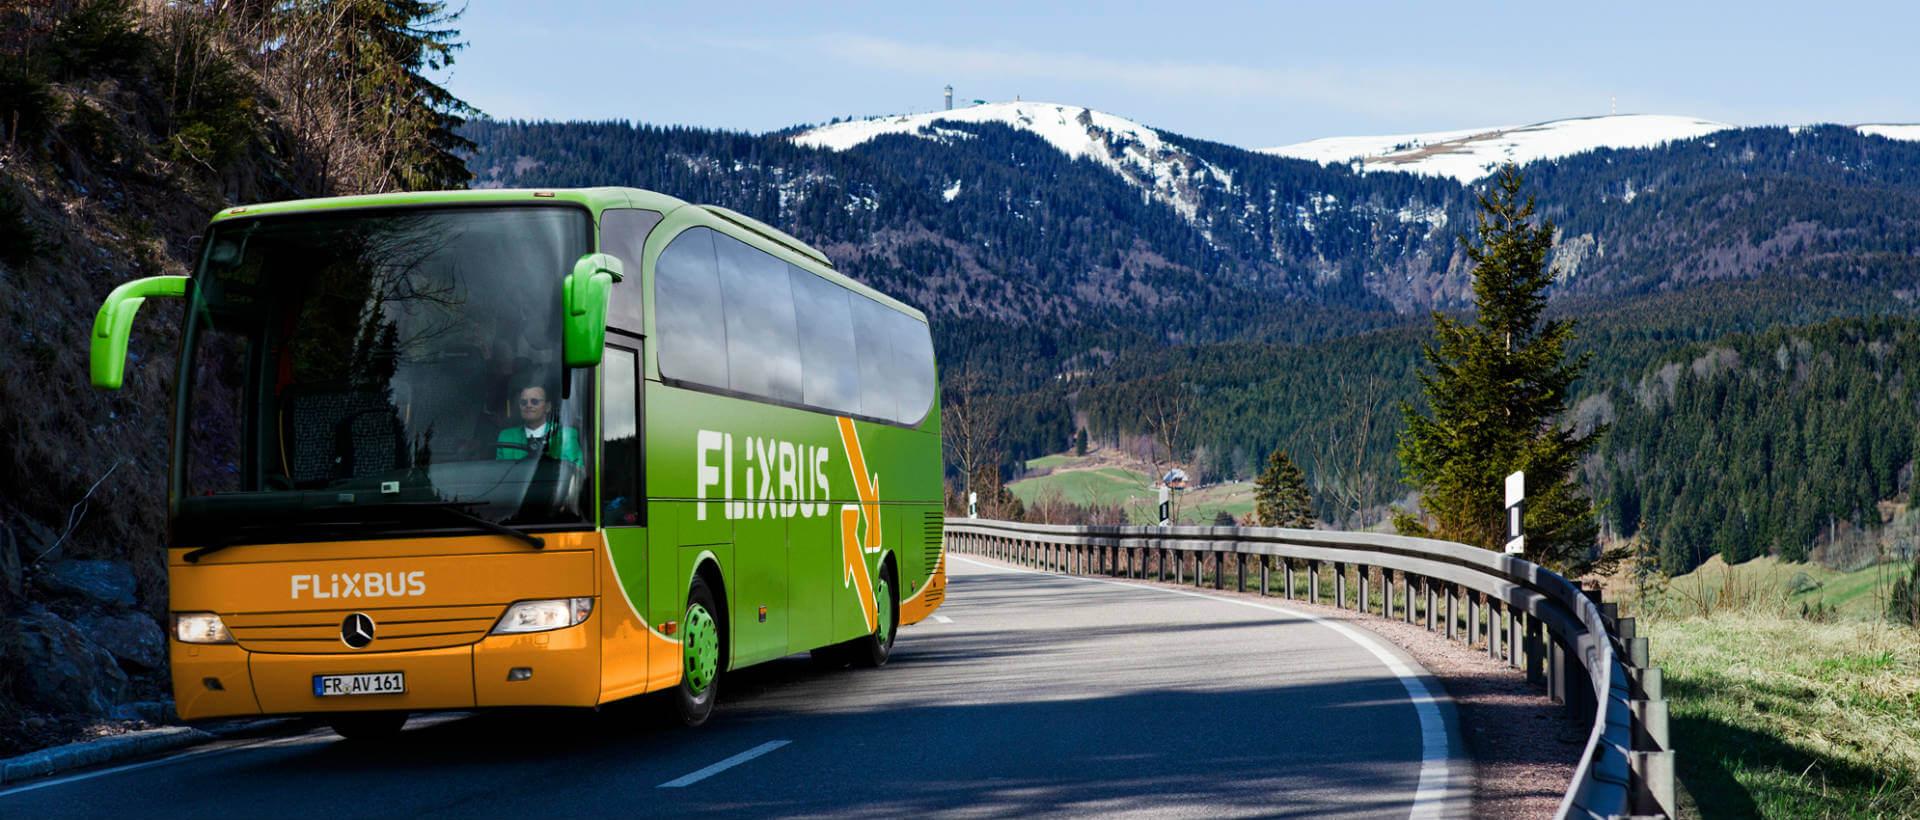 Bus macron voyage Flixbus flexibus